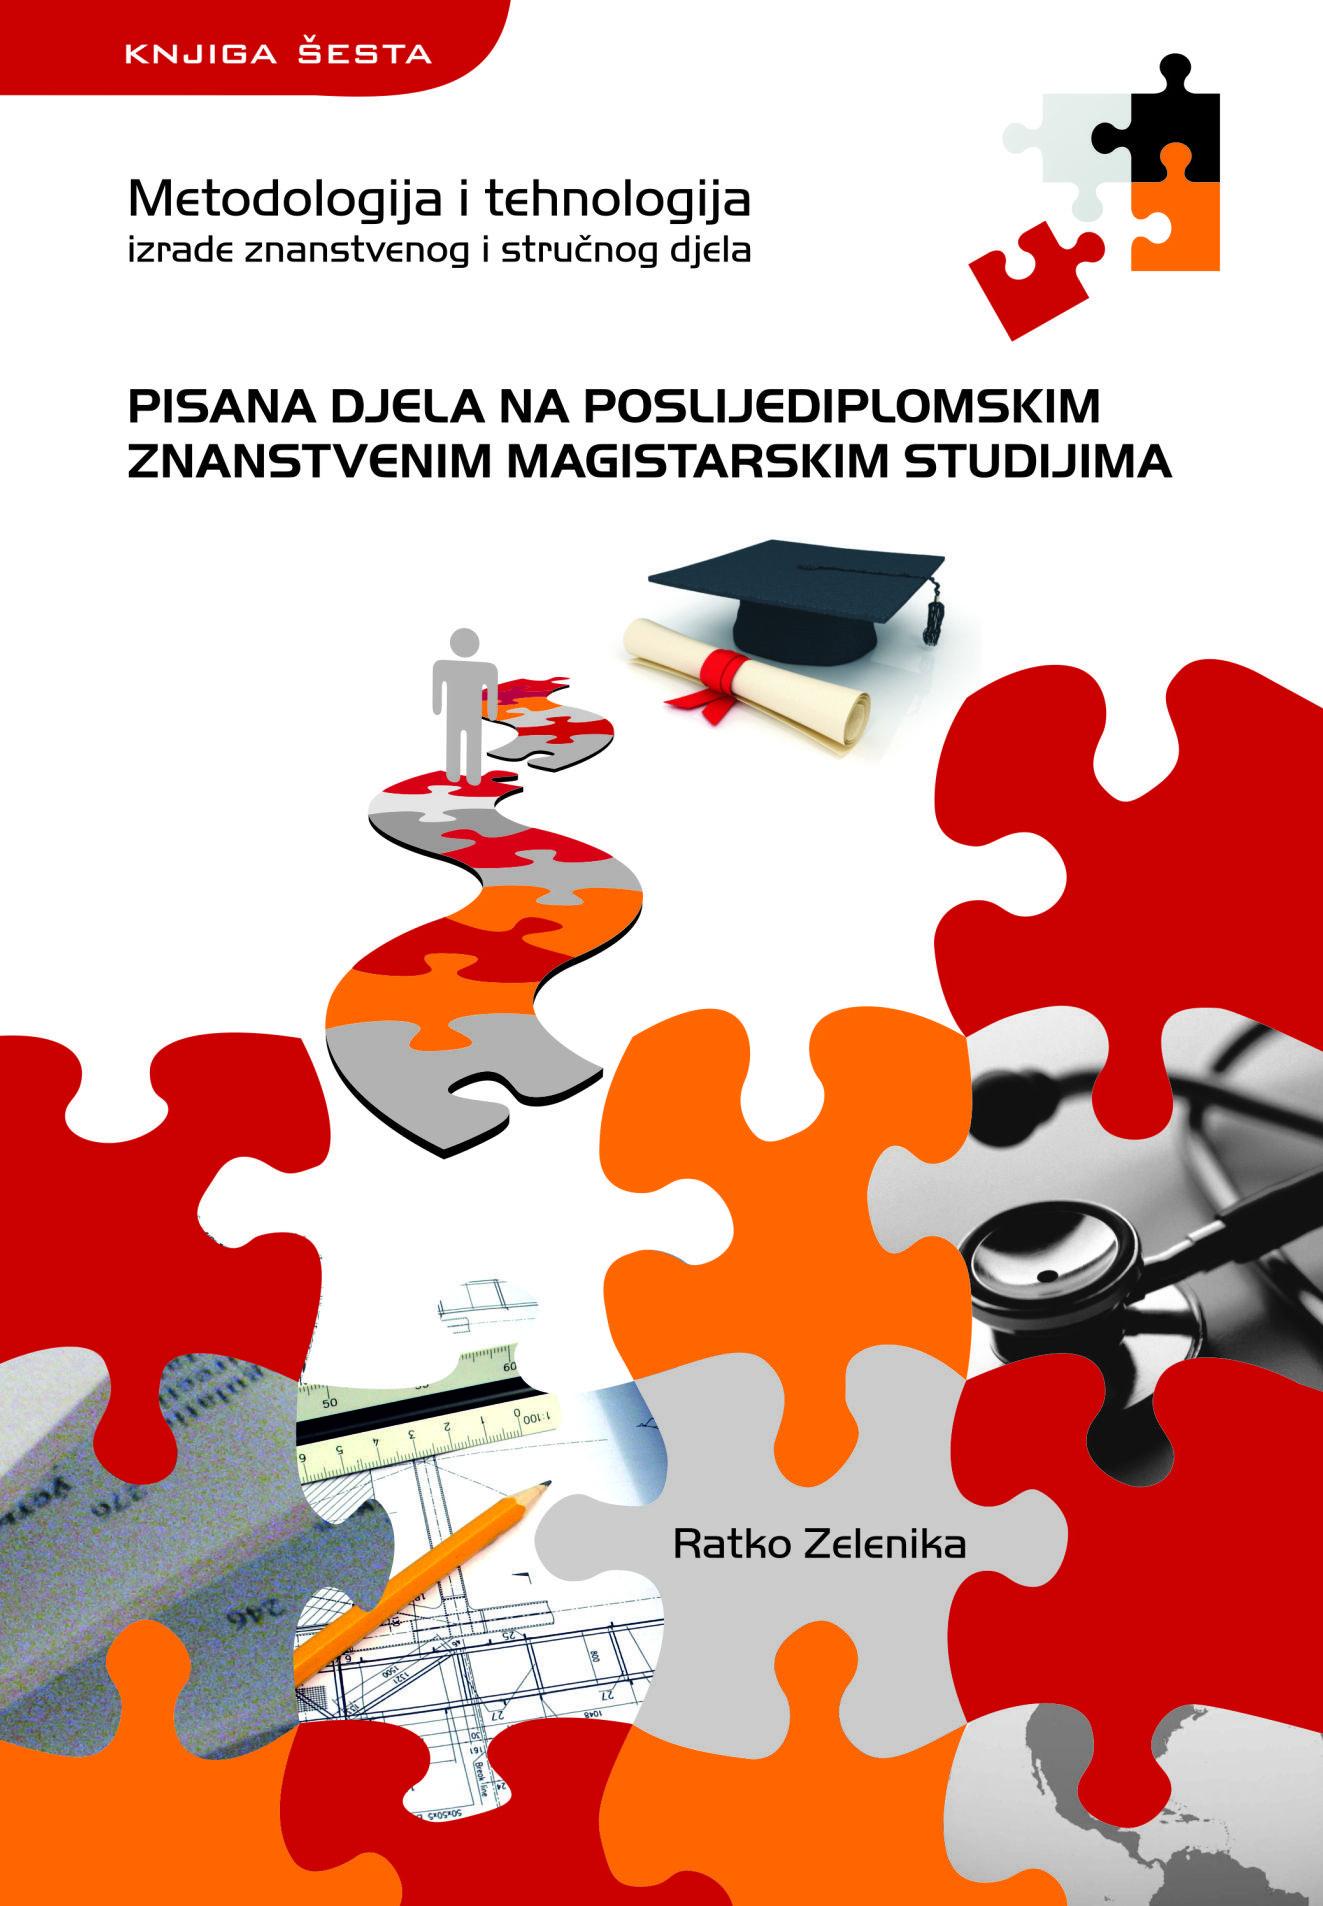 PISANA DJELA NA POSLIJEDIPLOMSKIM ZNANSTVENIM MAGISTARSKIM STUDIJIMA - Naruči svoju knjigu